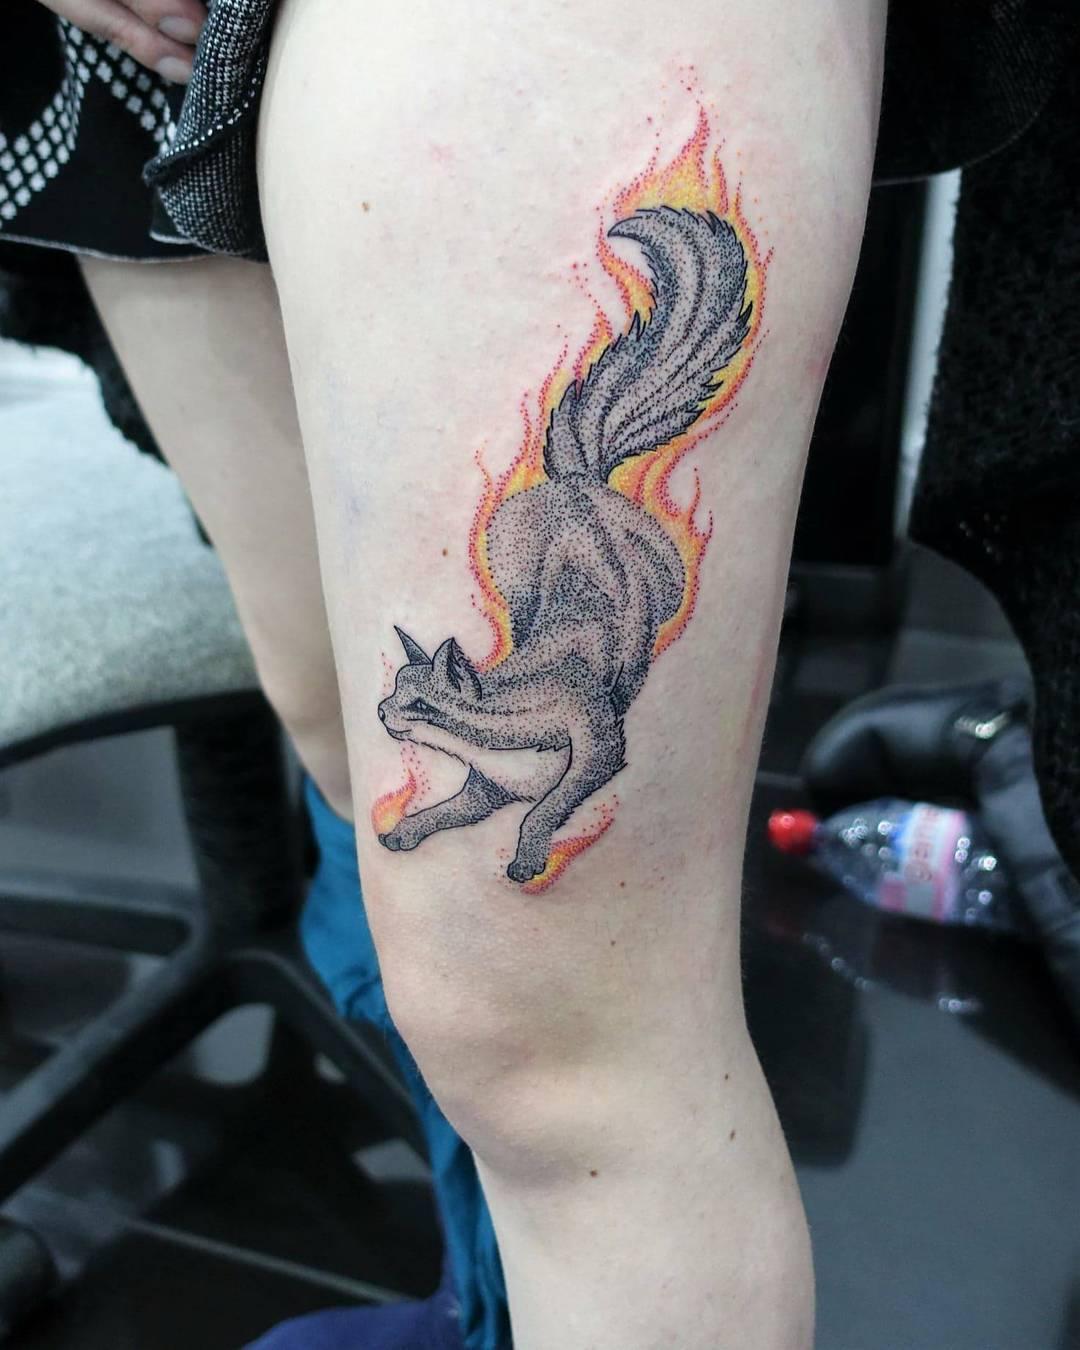 石小姐大腿可爱小狐狸纹身图案